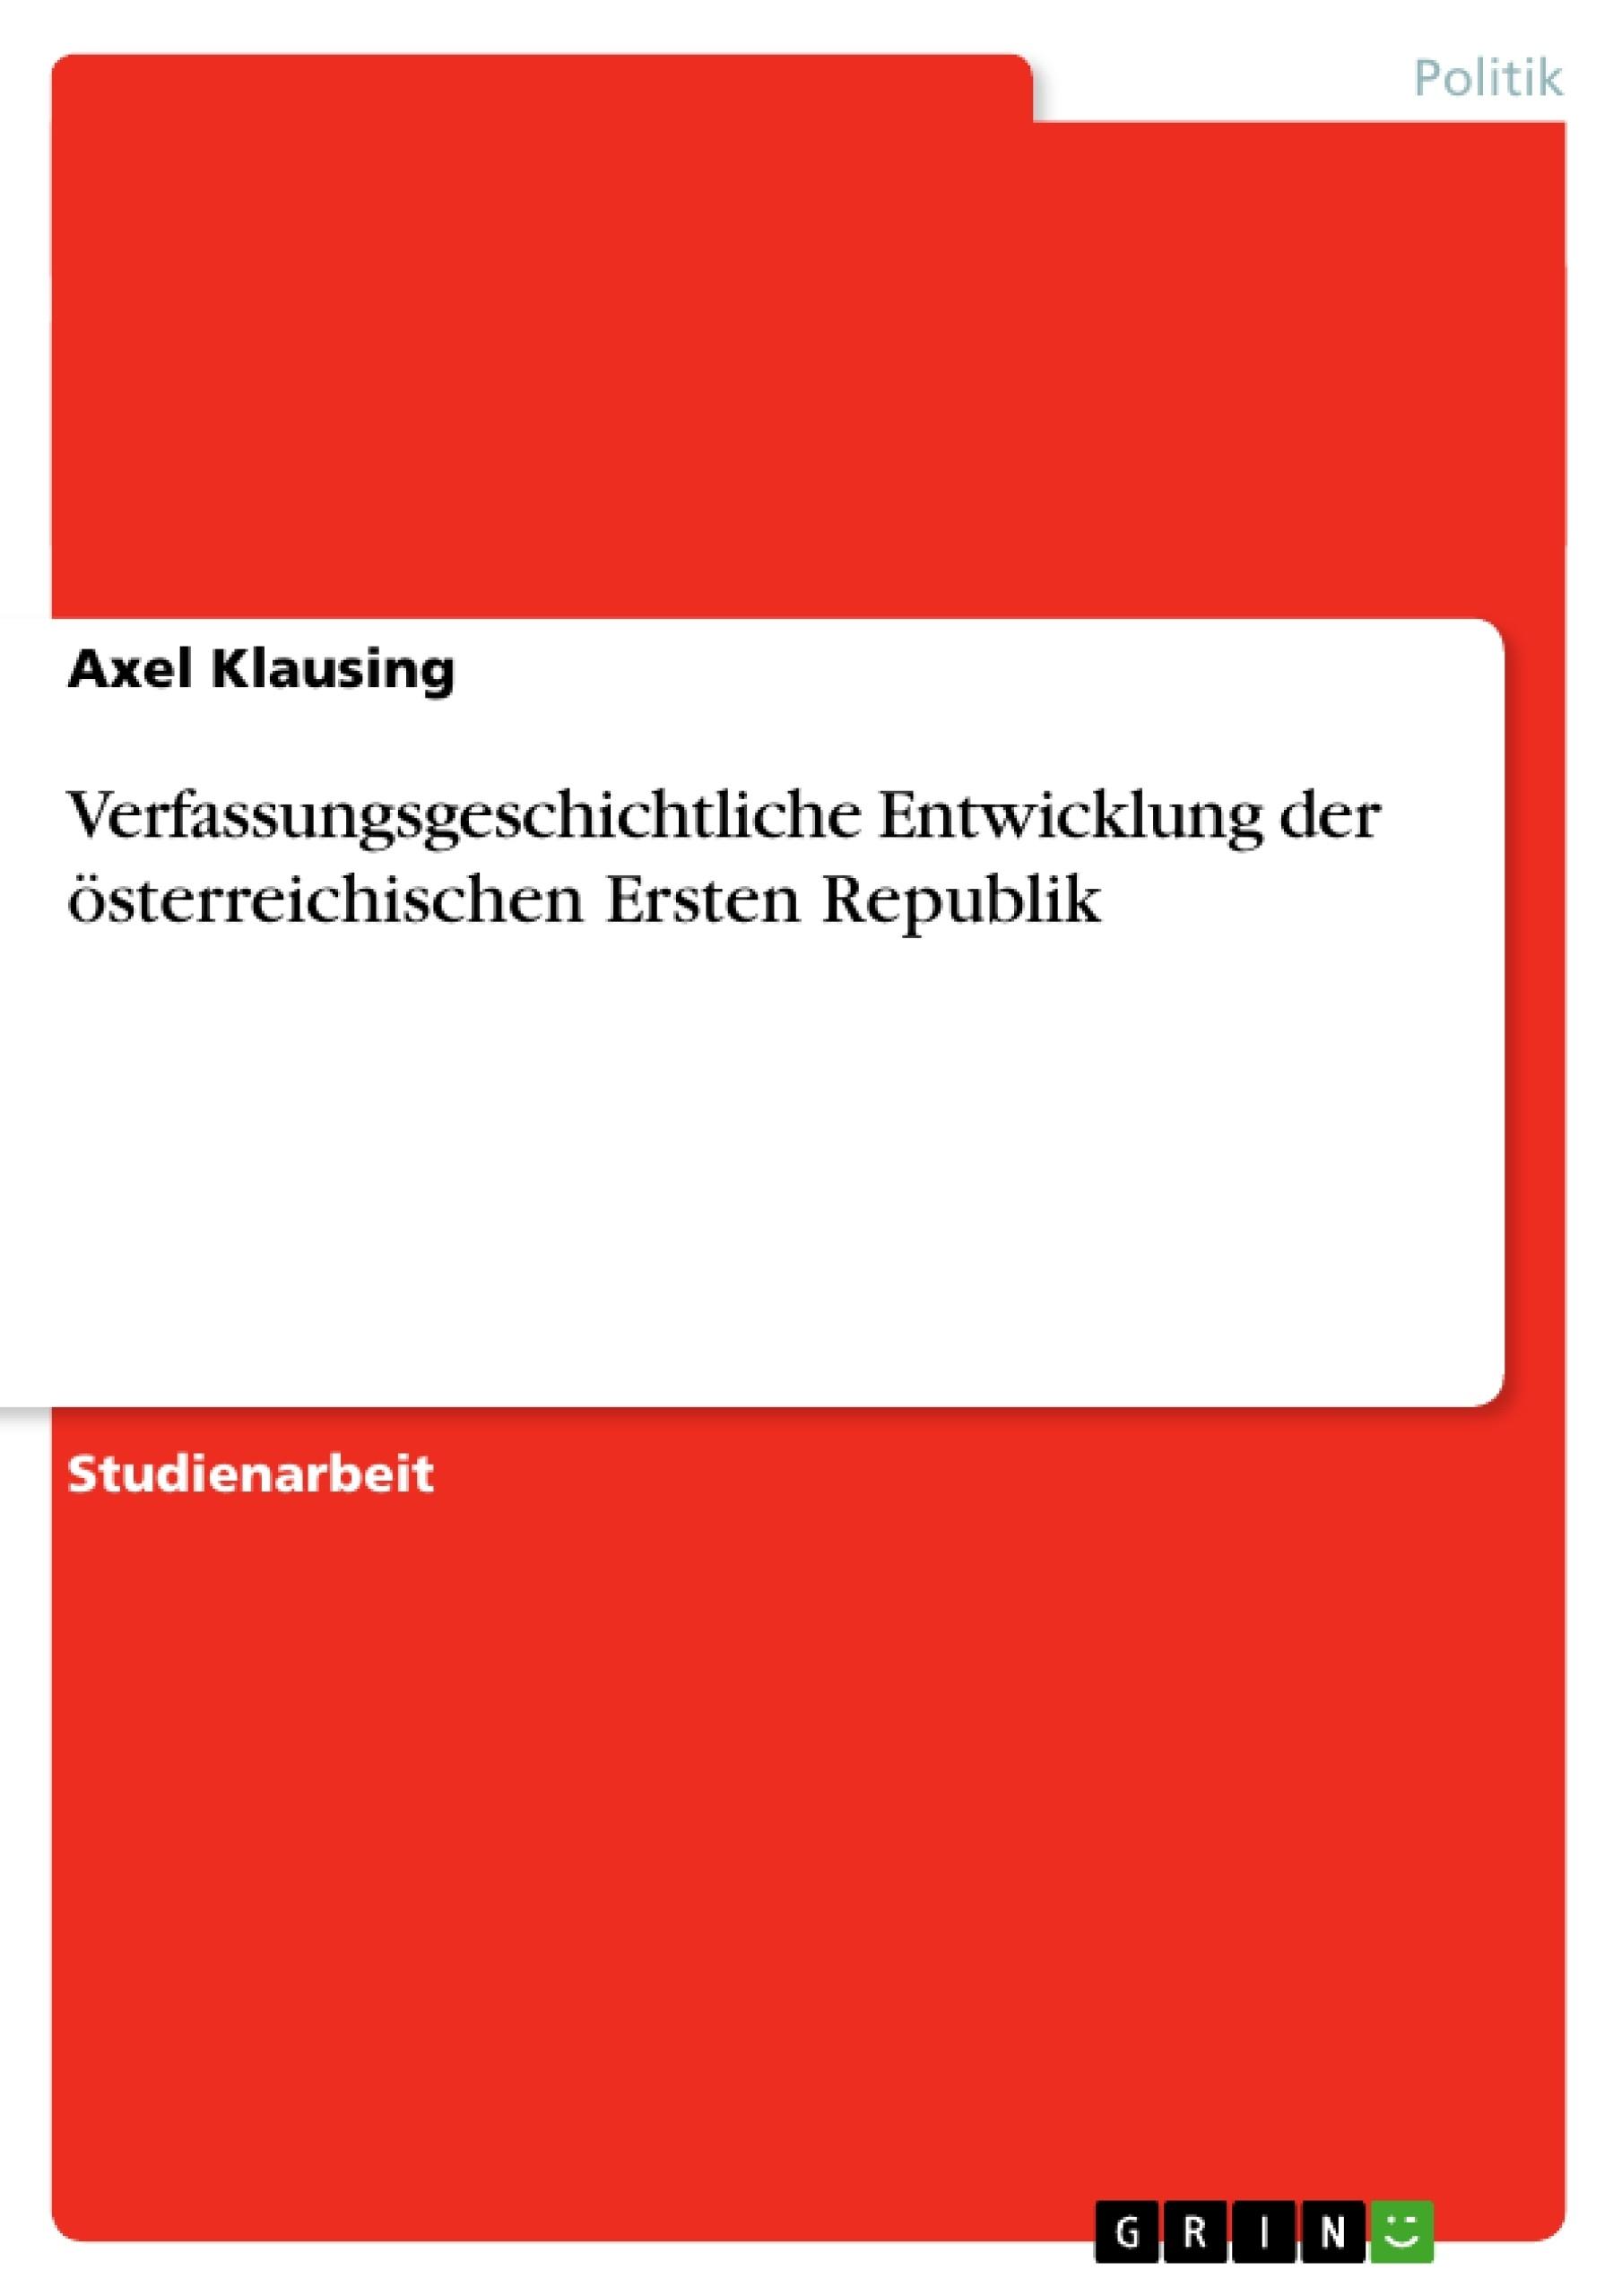 Titel: Verfassungsgeschichtliche Entwicklung der österreichischen Ersten Republik